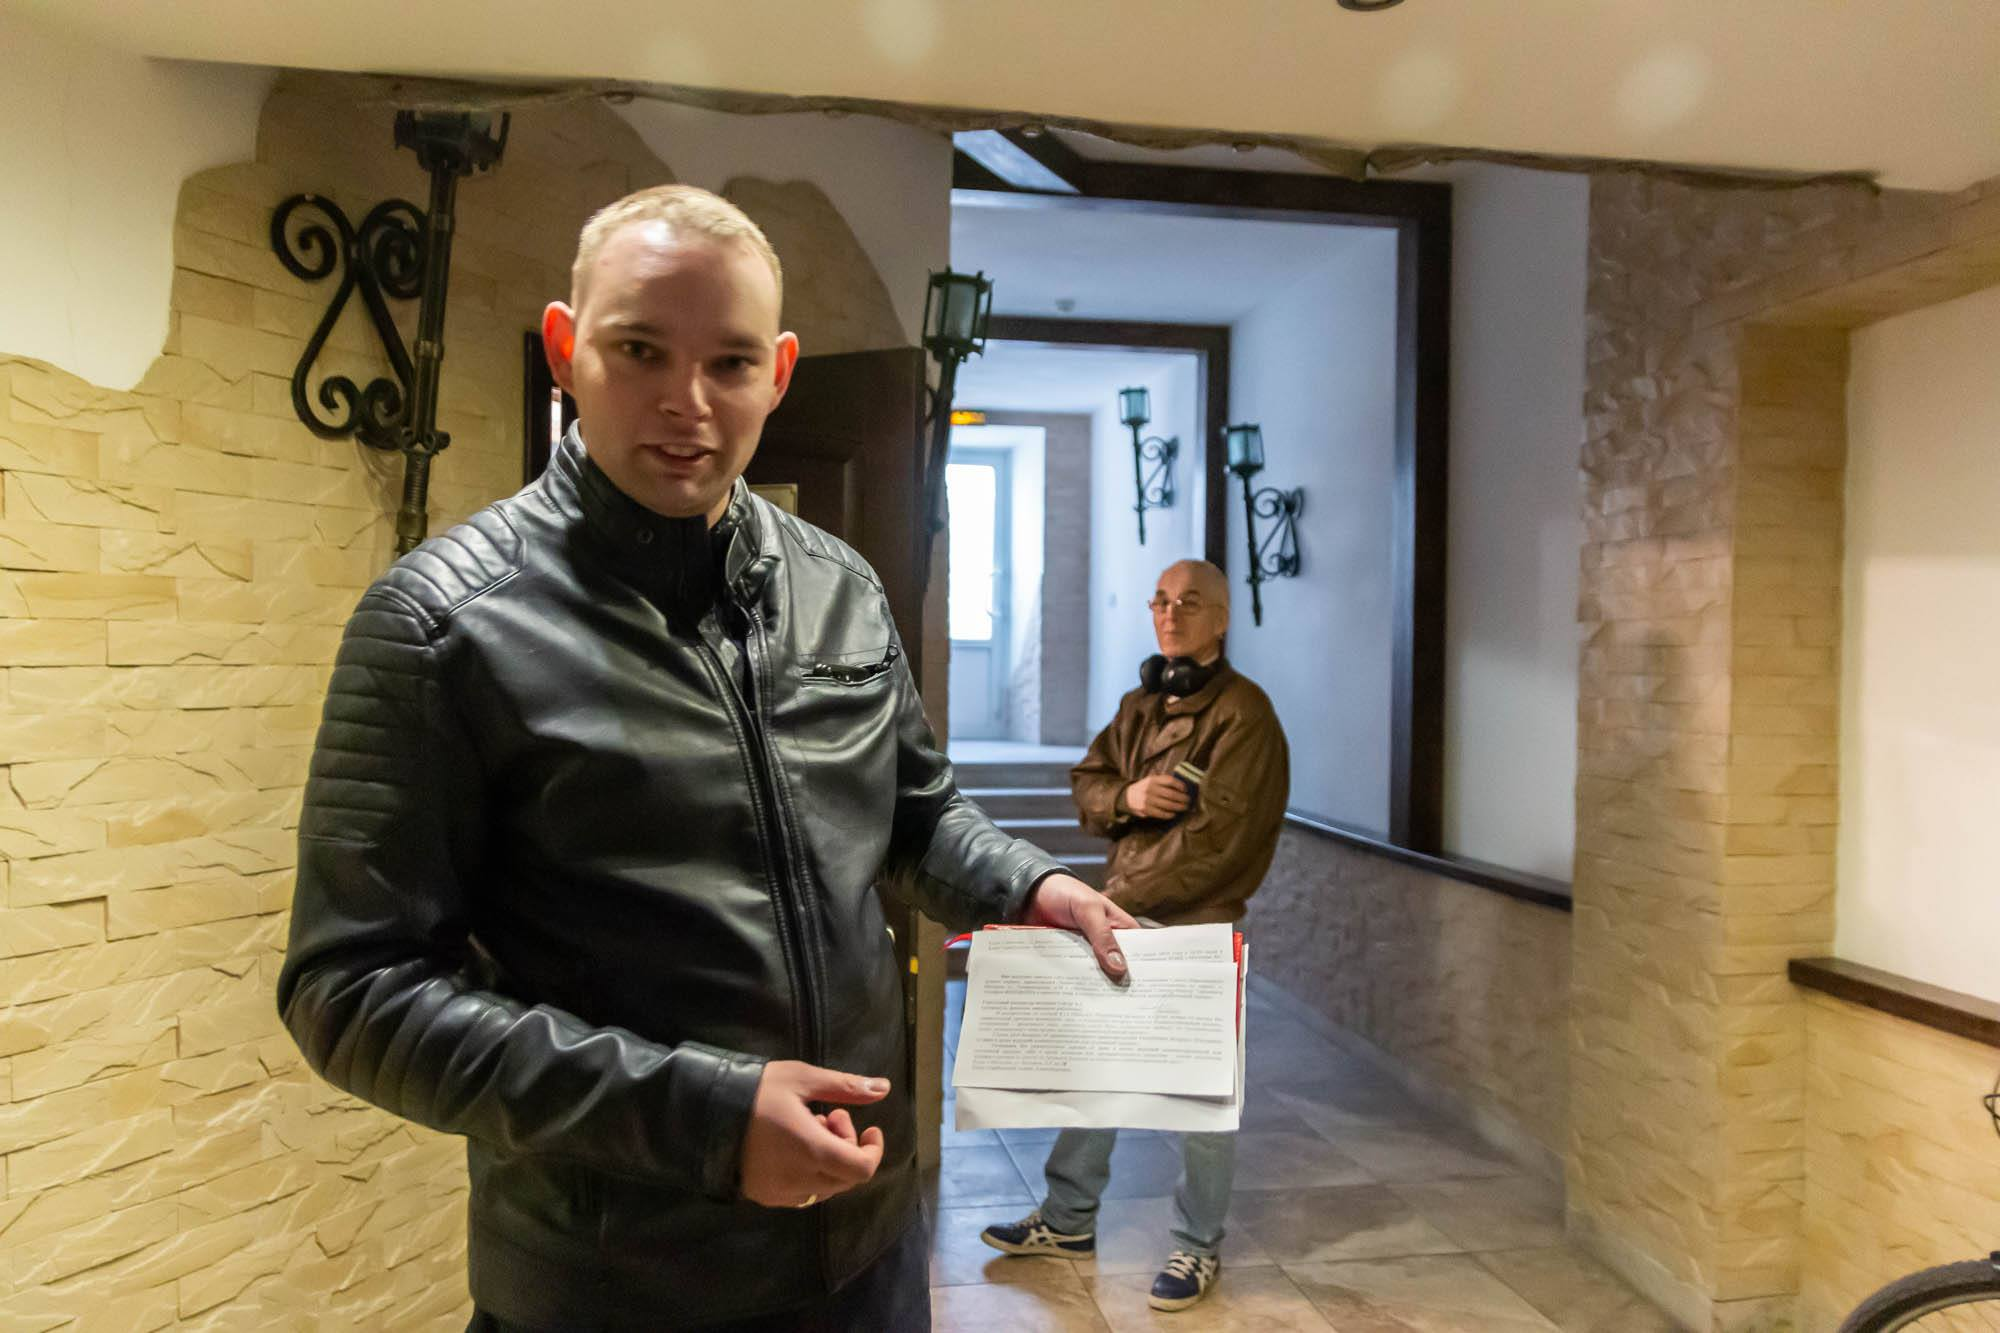 Міліцыя ізноў не здолела правесці адміністрацыйную справу ў дачыненні да журналістаў без парушэнняў